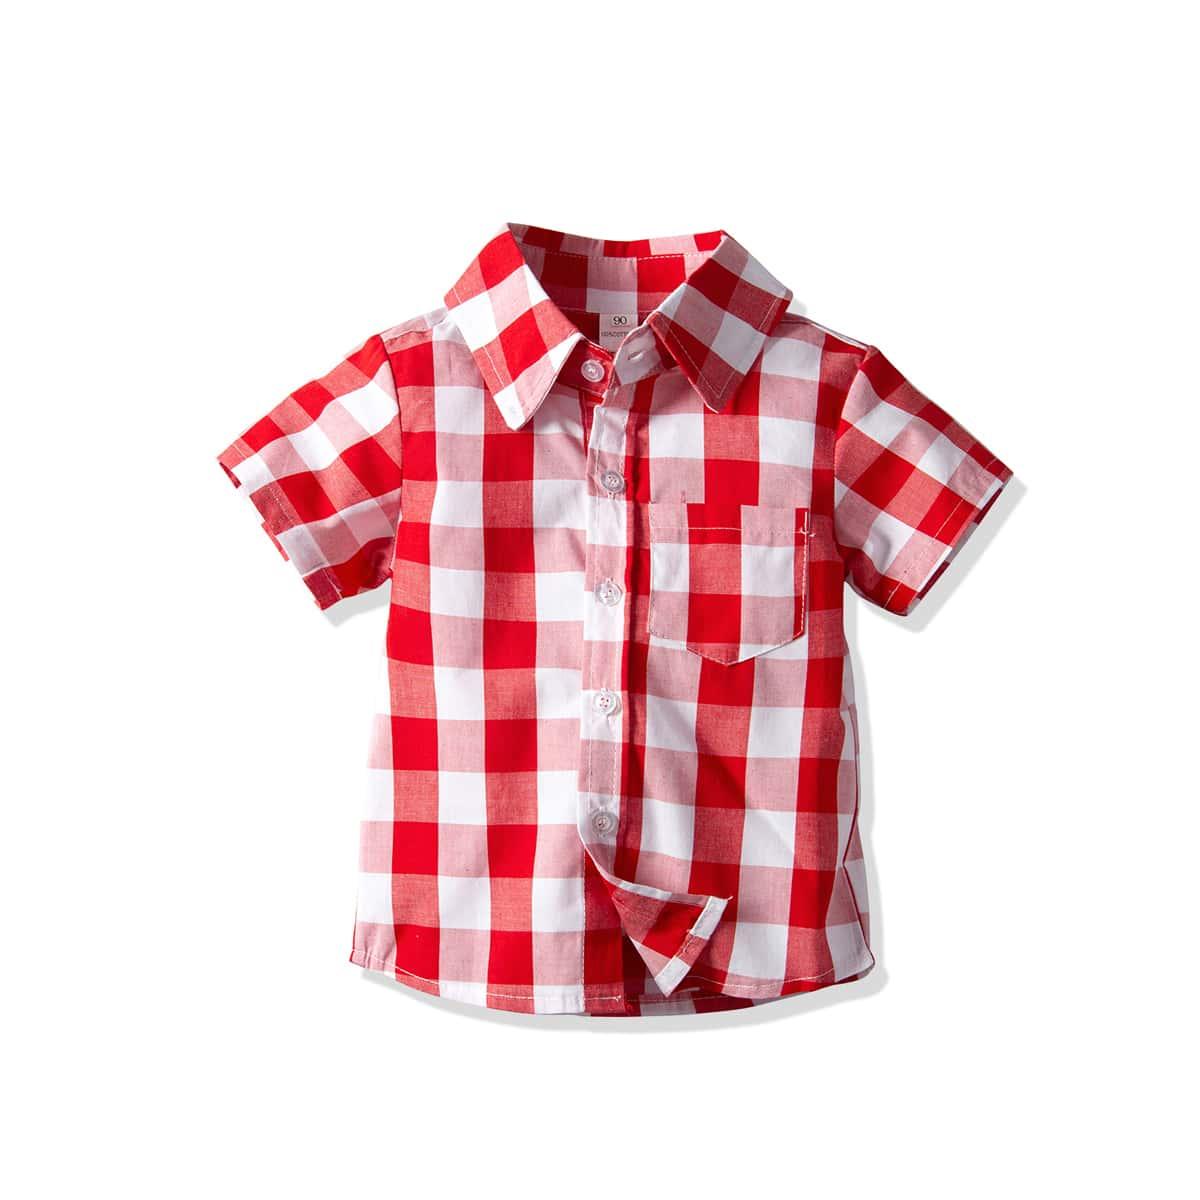 Hemd mit Gingham Muster und Taschen Flicken